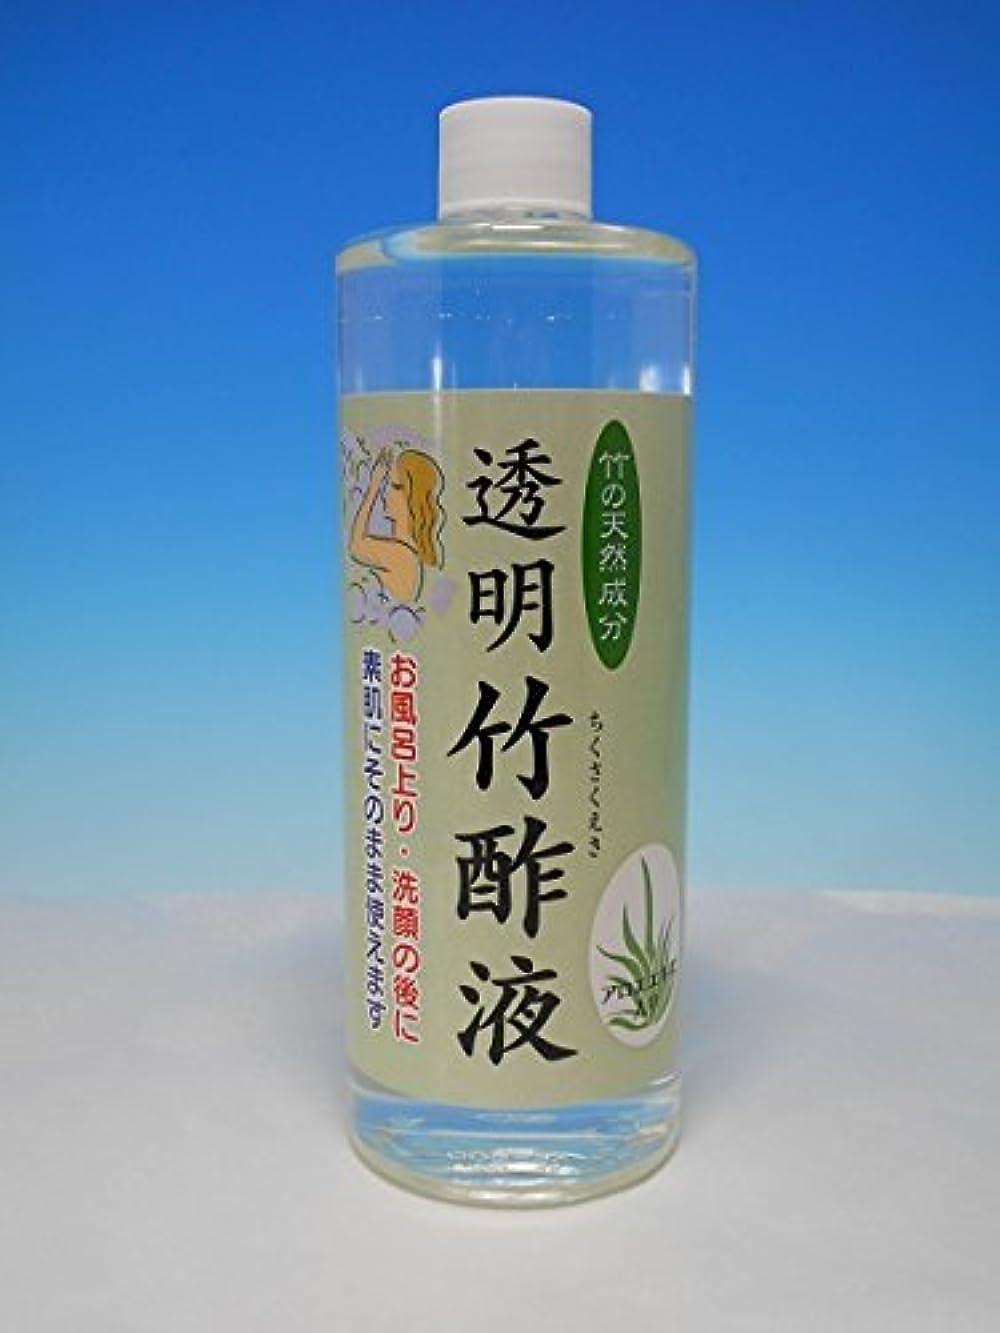 ドキドキスタンド母性透明竹酢液 500ml 素肌に使える化粧水タイプの竹酢液